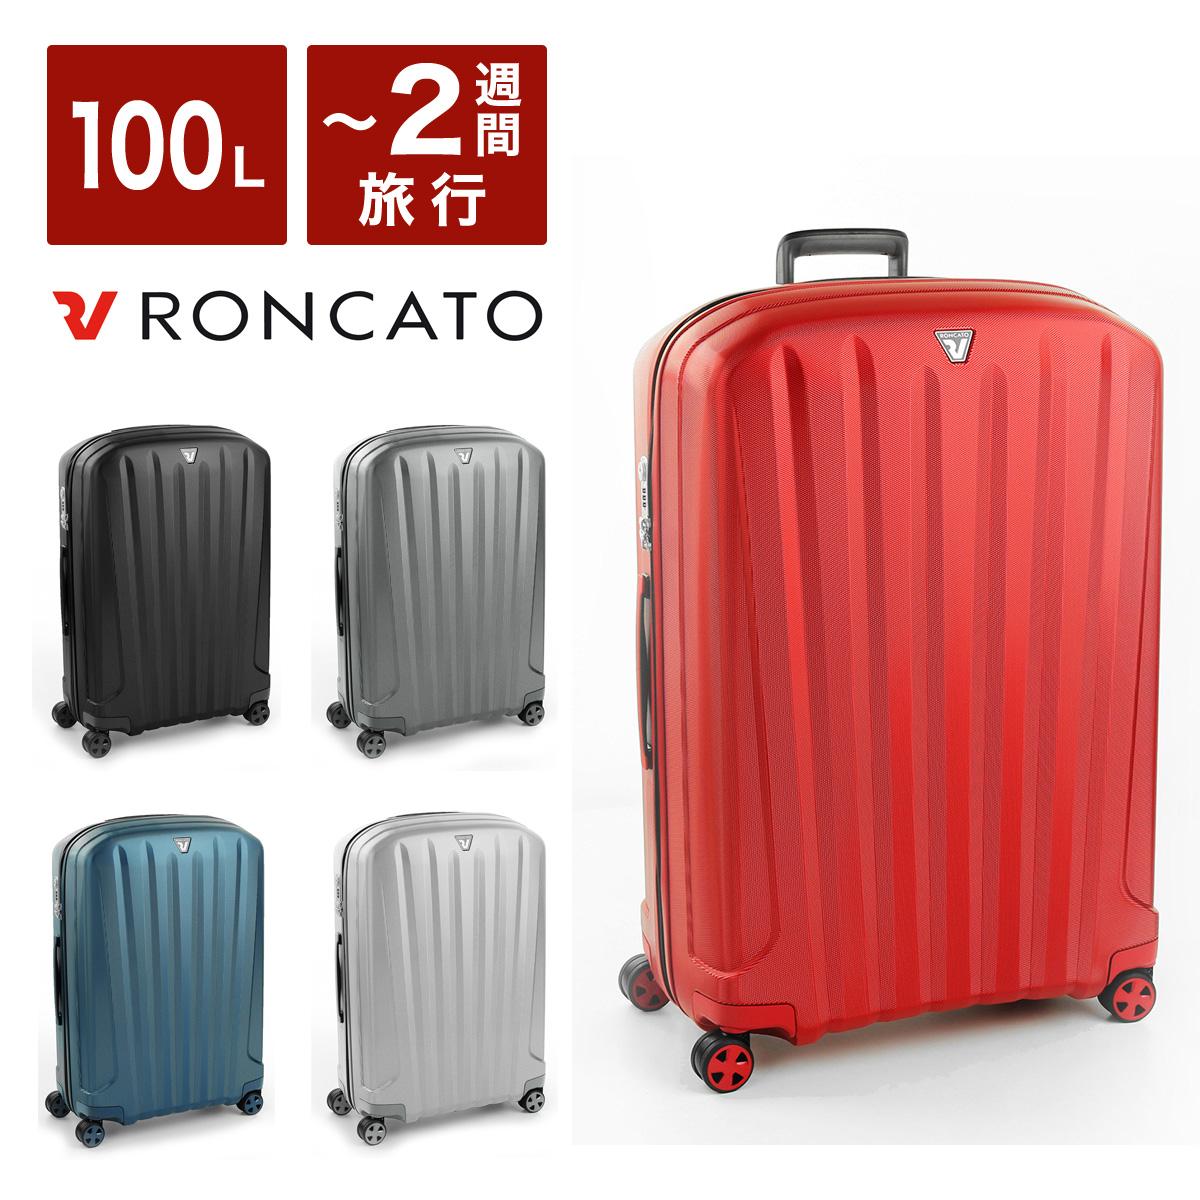 ロンカート スーツケース イタリア製 UNICA 5611 74cm RONCATO ユニカ ハード キャリーケース 軽量 TSAロック搭載 10年保証[PO10]